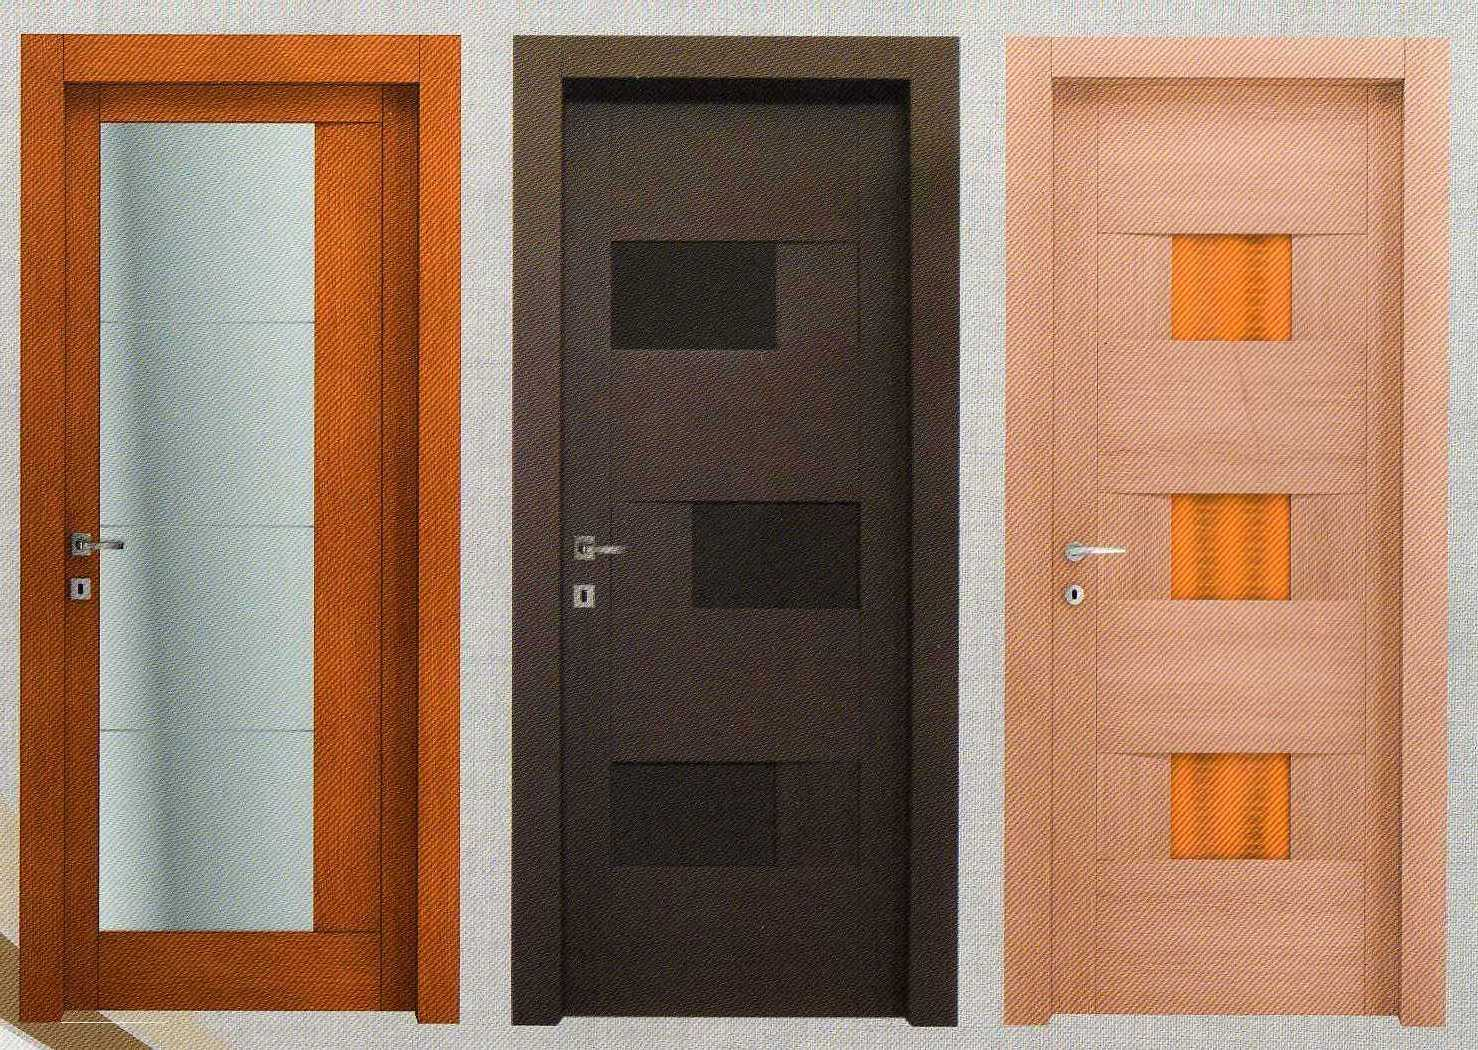 Porte in alluminio per interni prezzi idea creativa - Porte in legno e vetro per interni ...